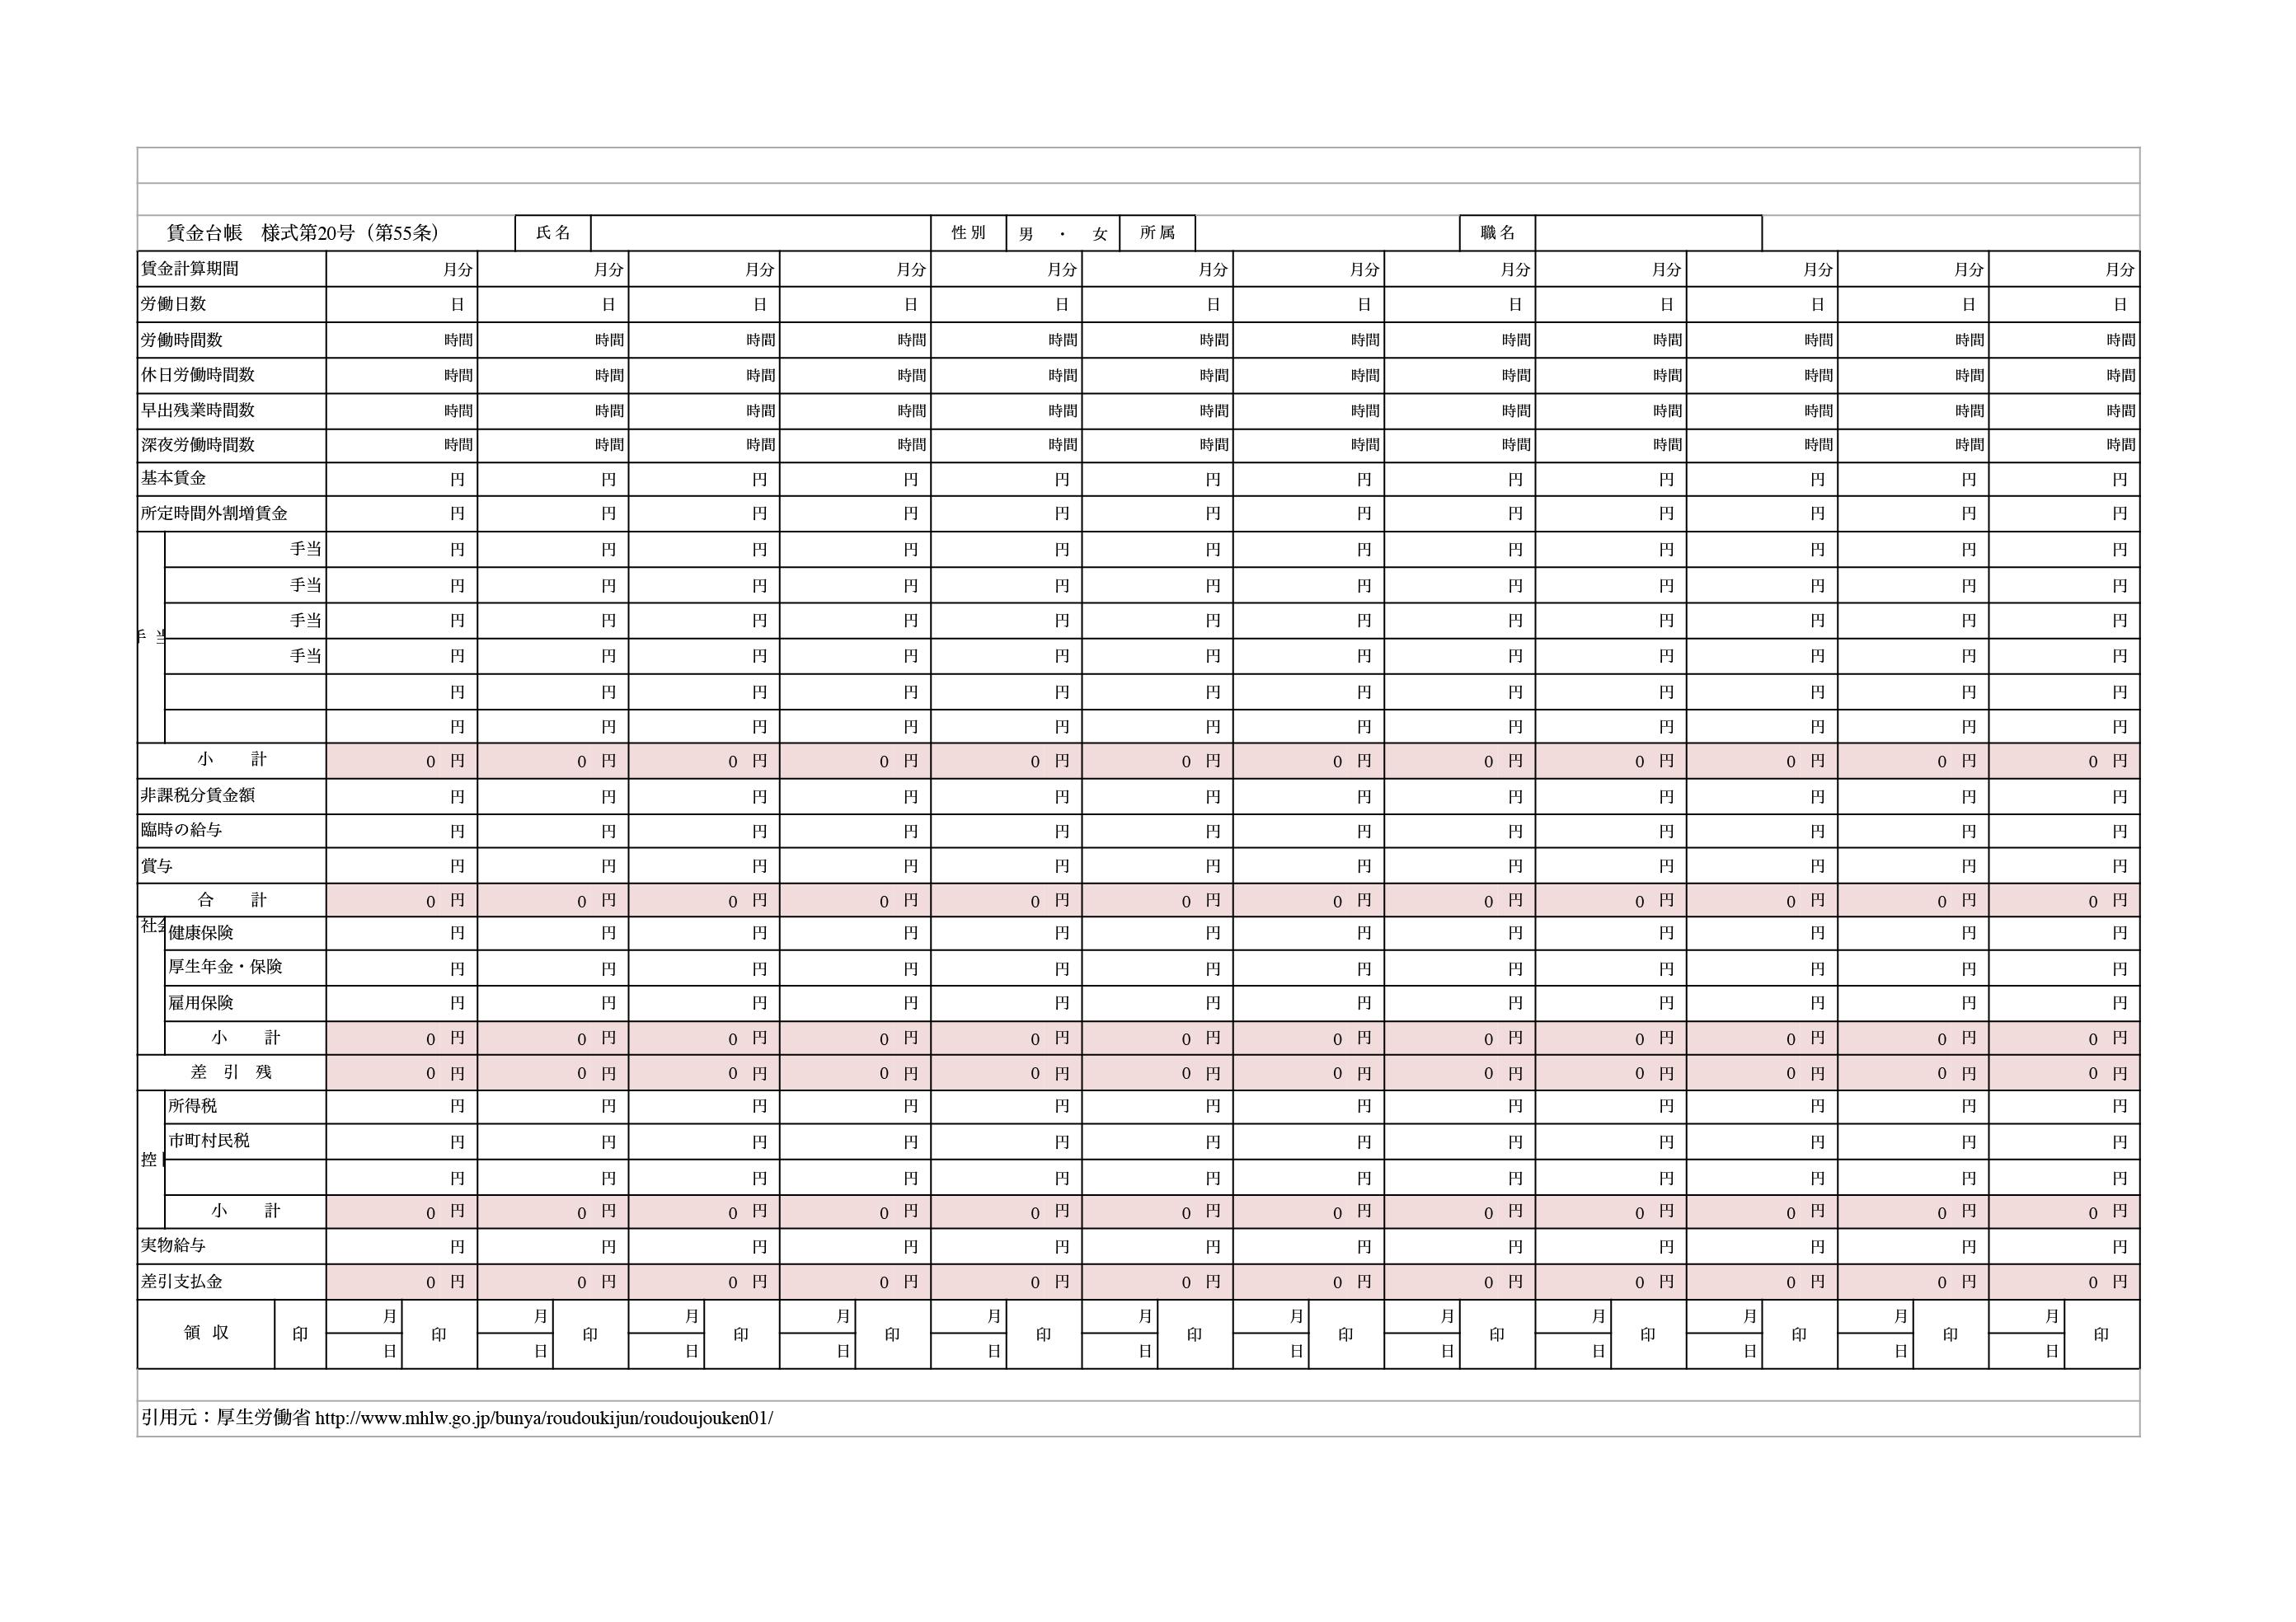 賃金台帳 テンプレート_厚生労働省(エクセル・ナンバーズ)